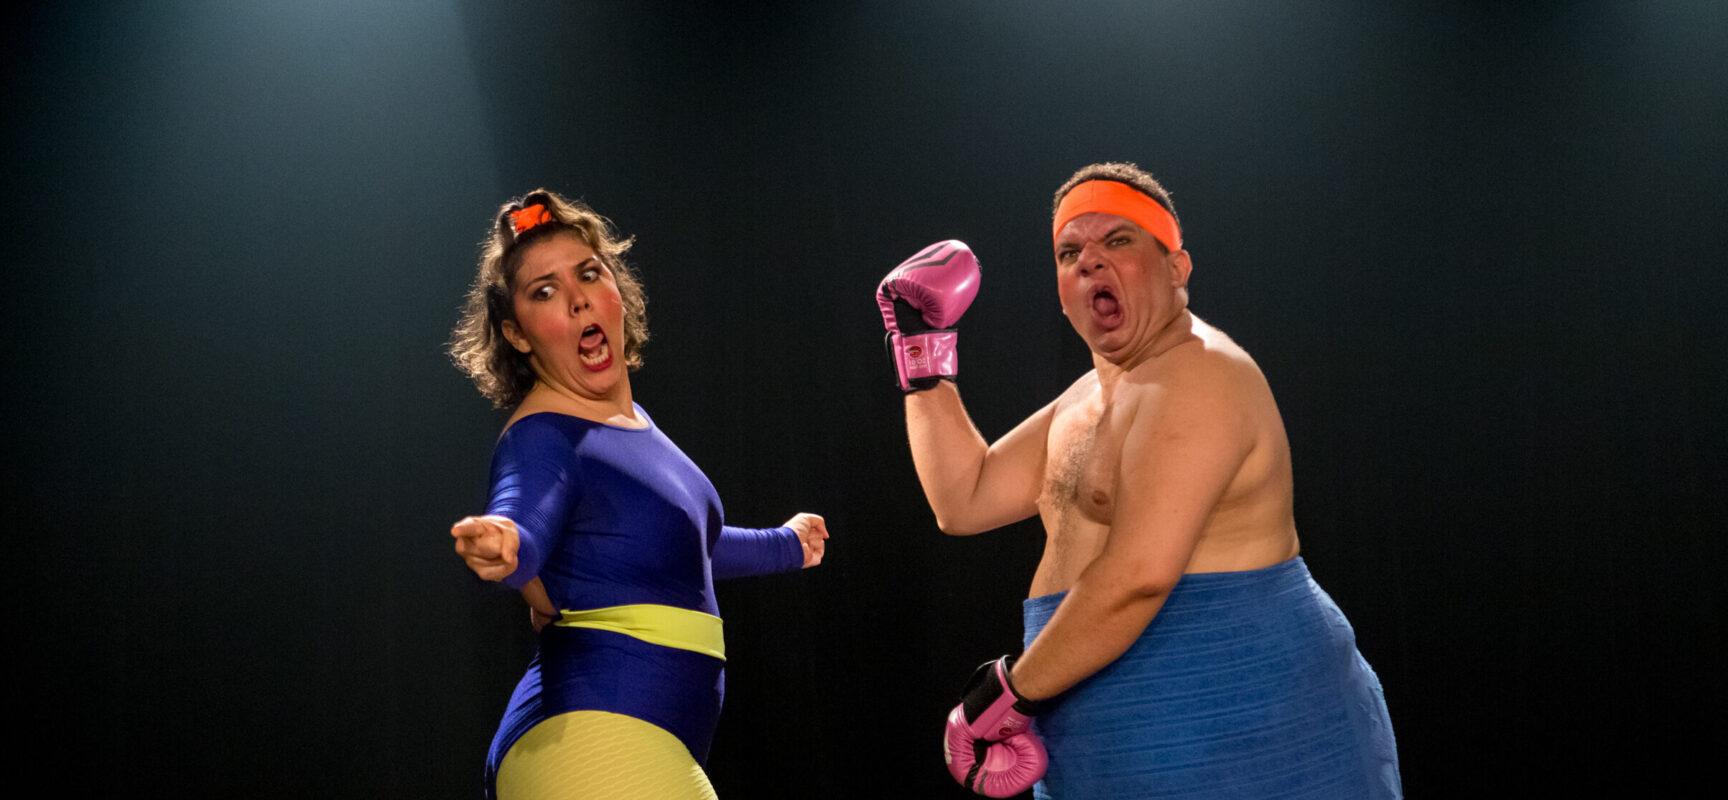 Comédia sobre gordofobia é o próximo espetáculo do Sesc Virtualidades